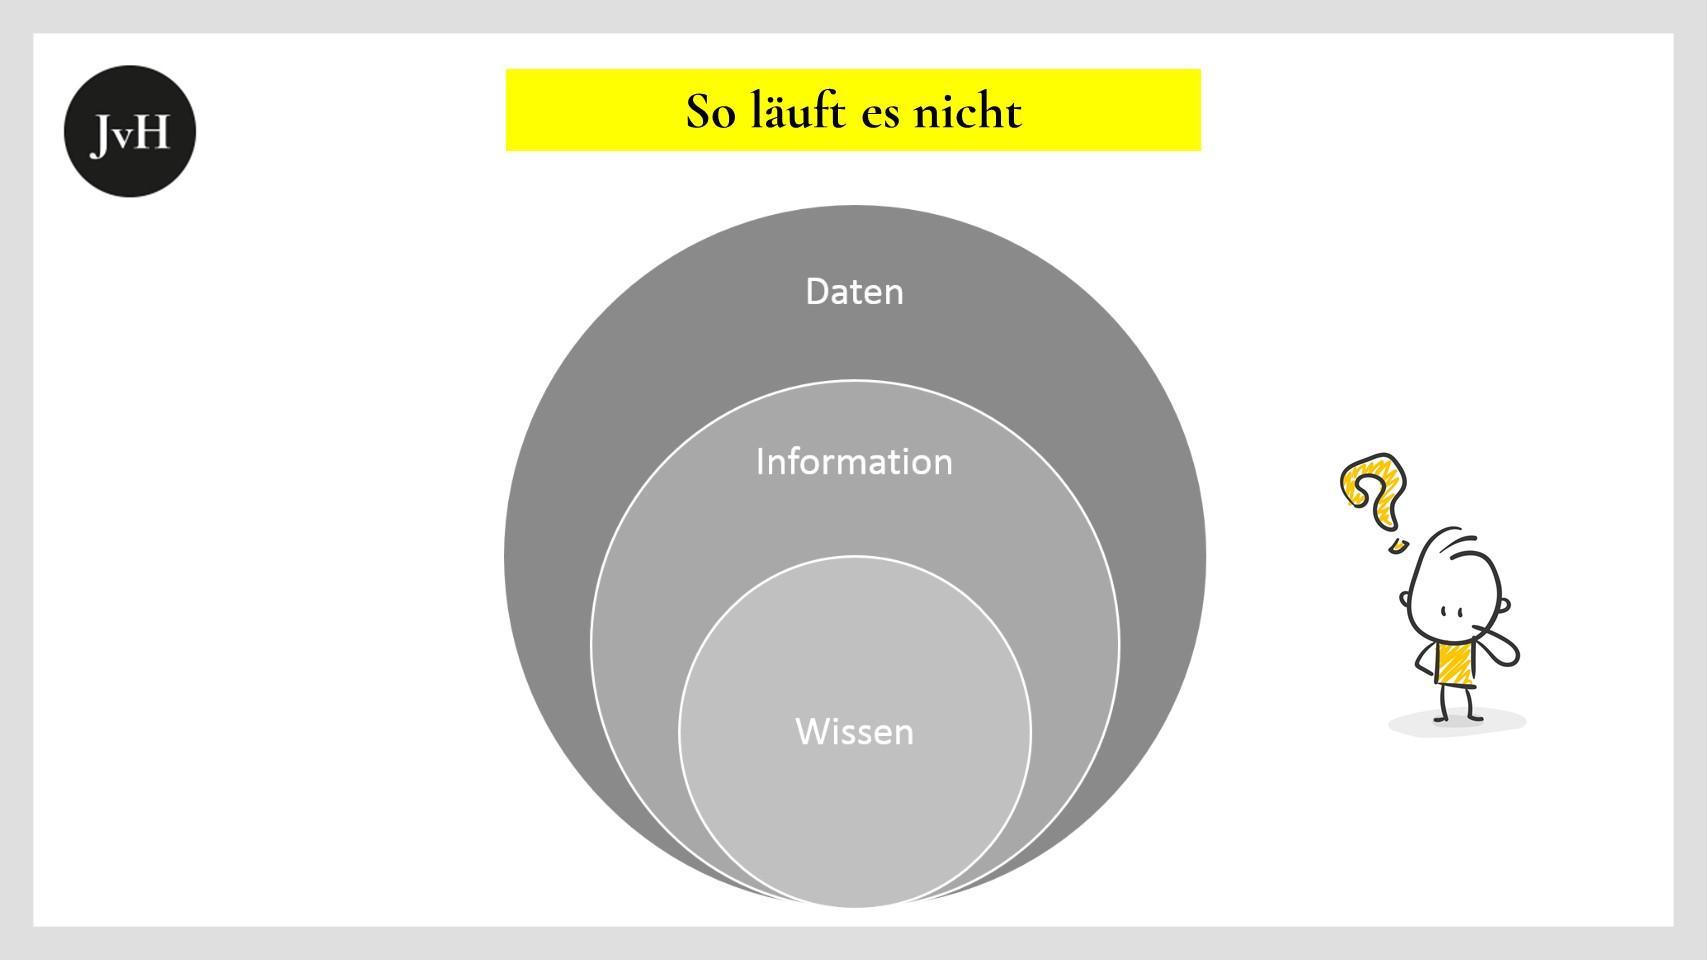 Daten-Information-Wissen